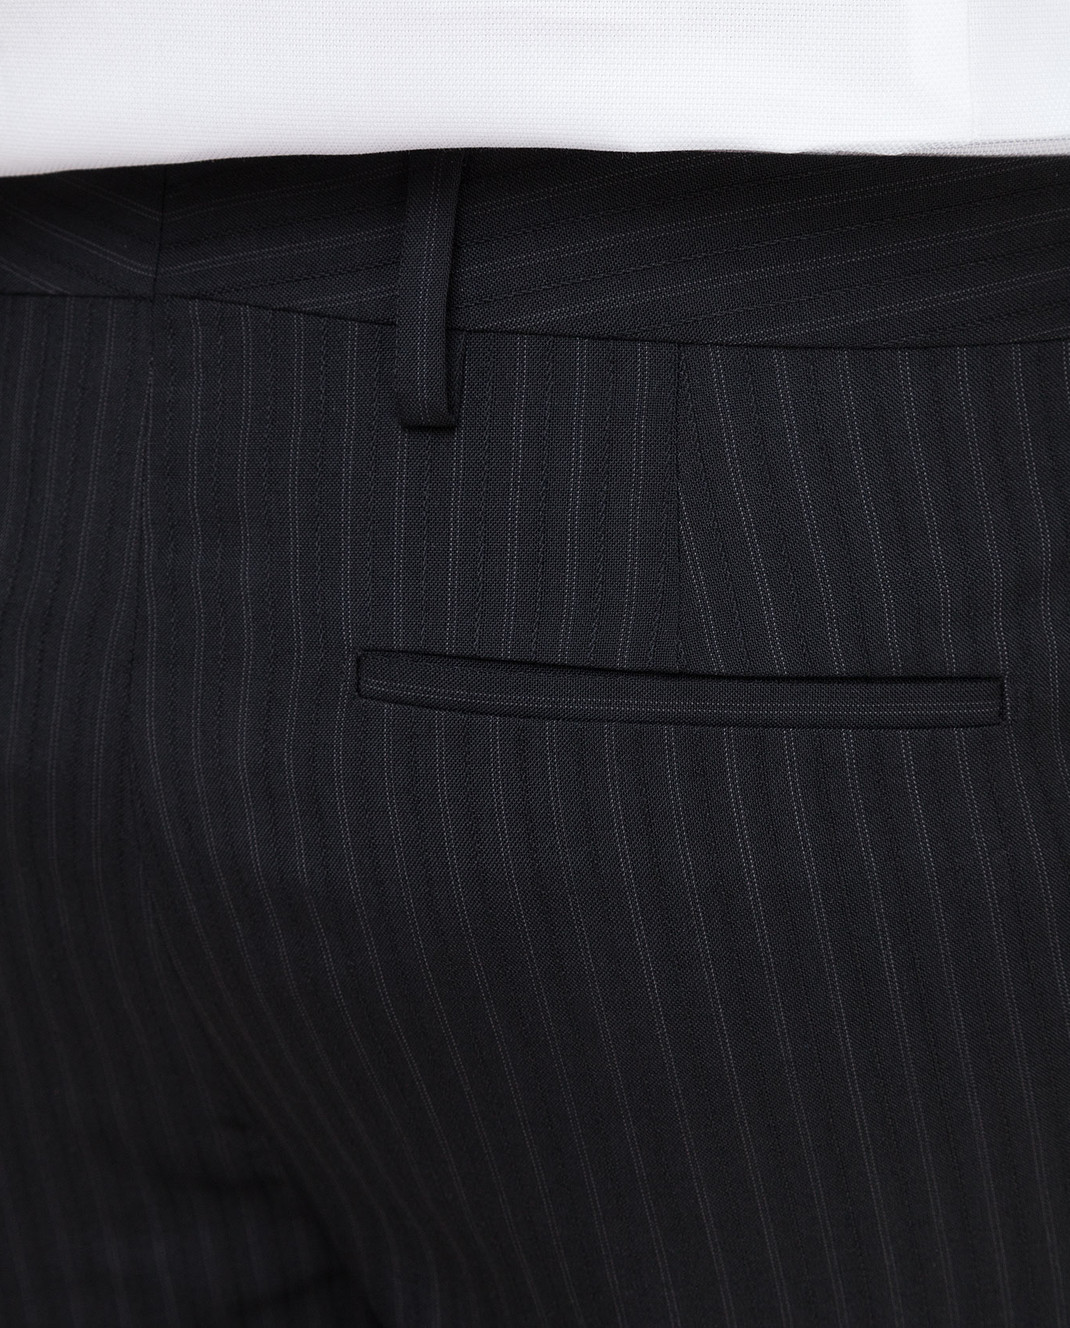 Saint Laurent Черные брюки 552560 изображение 5